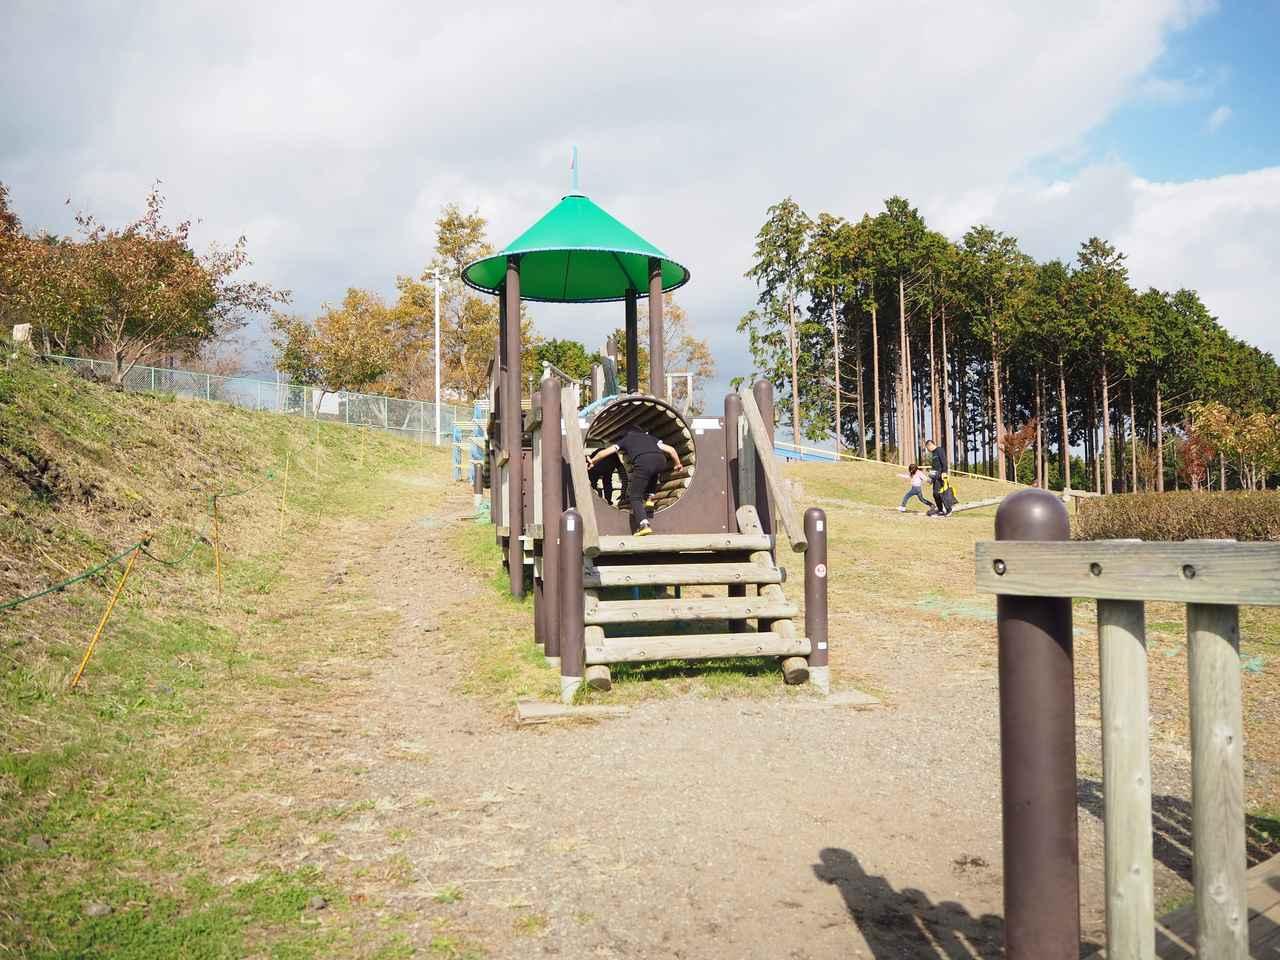 画像: 【失敗しないキャンプ場選び】ファミリーキャンプでチェックする6つのポイント - ハピキャン(HAPPY CAMPER)